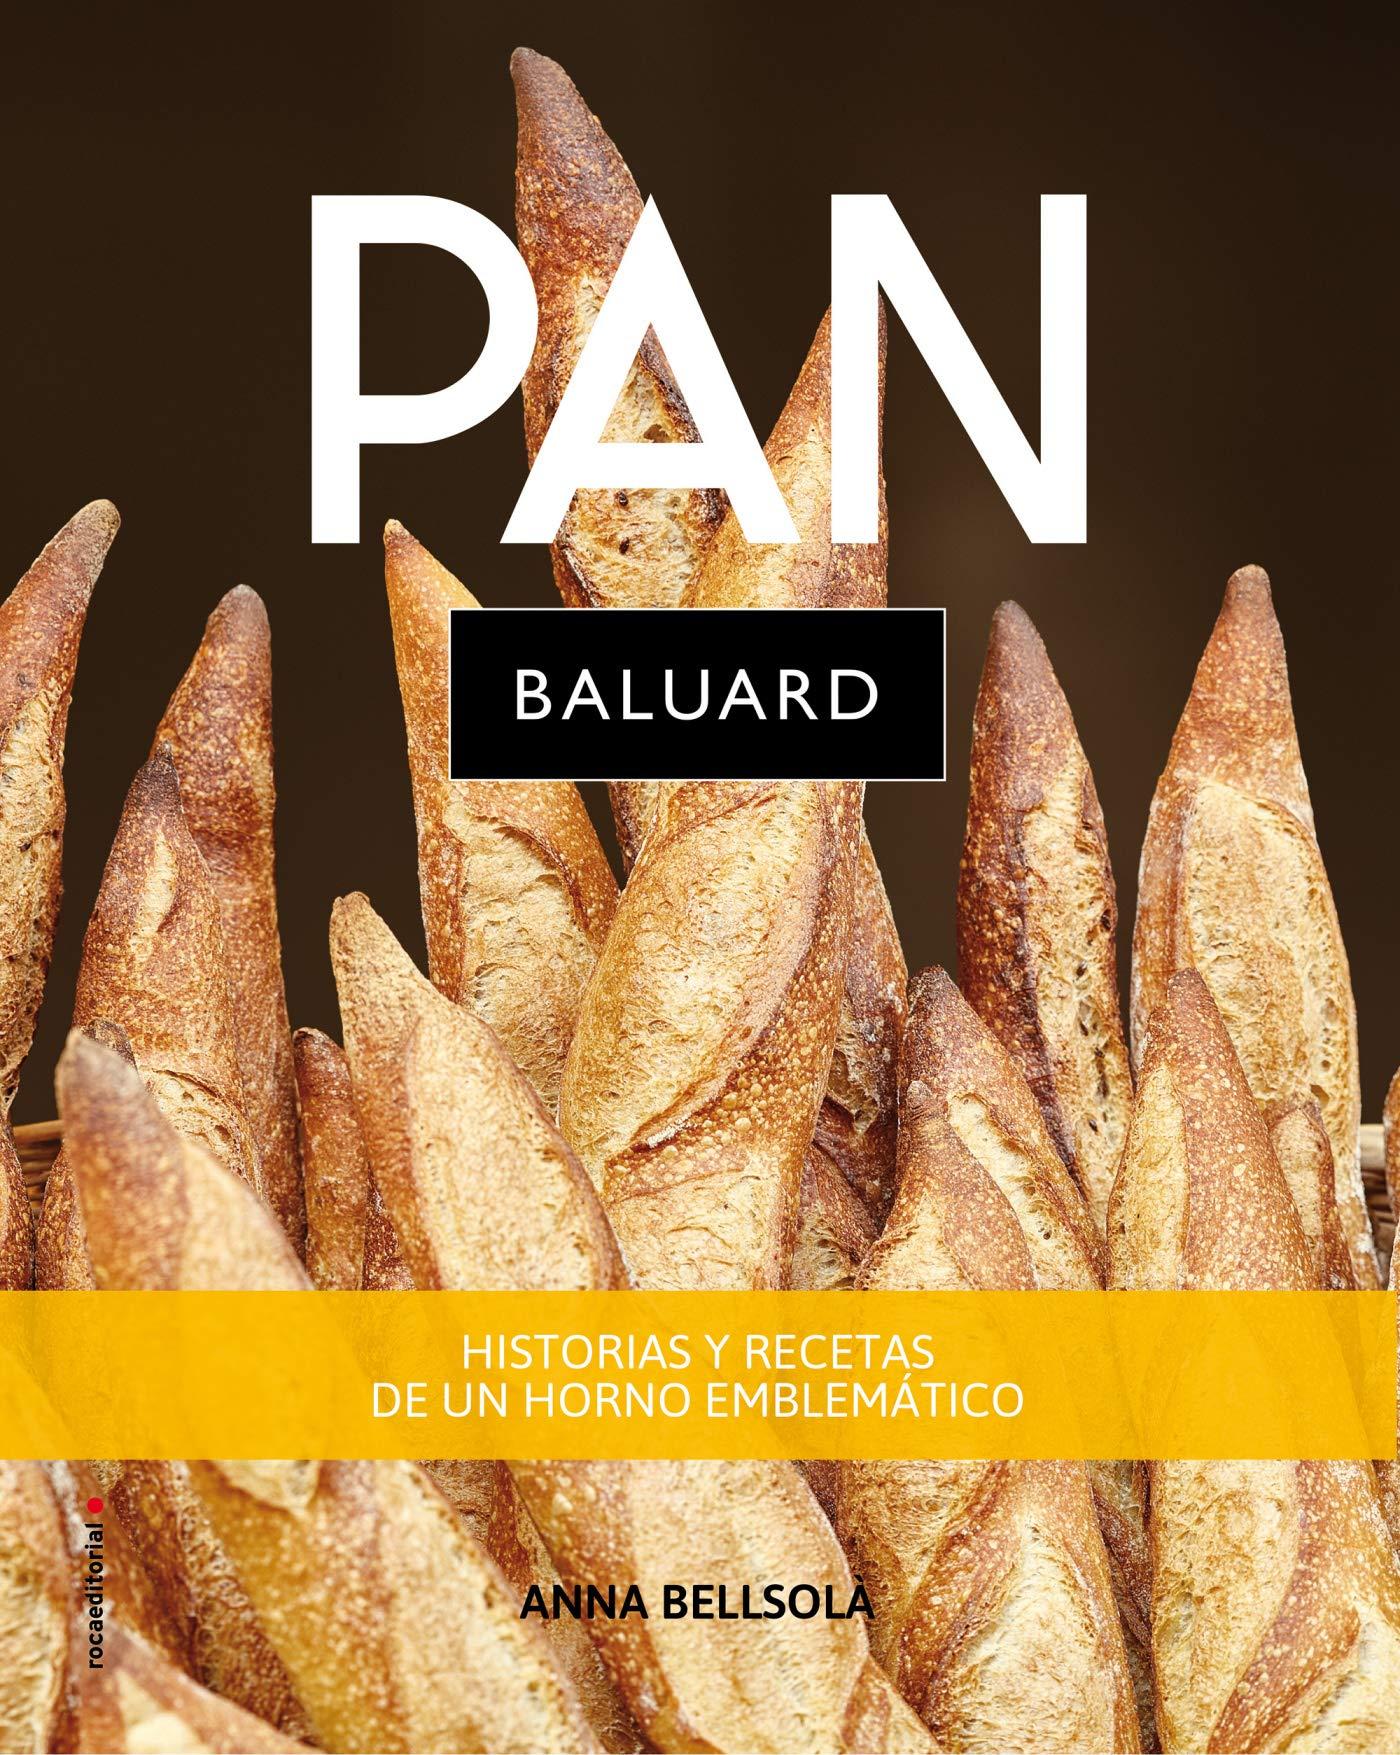 Pan Baluard: Secretos y recetas de un horno emblemático No Ficción ...